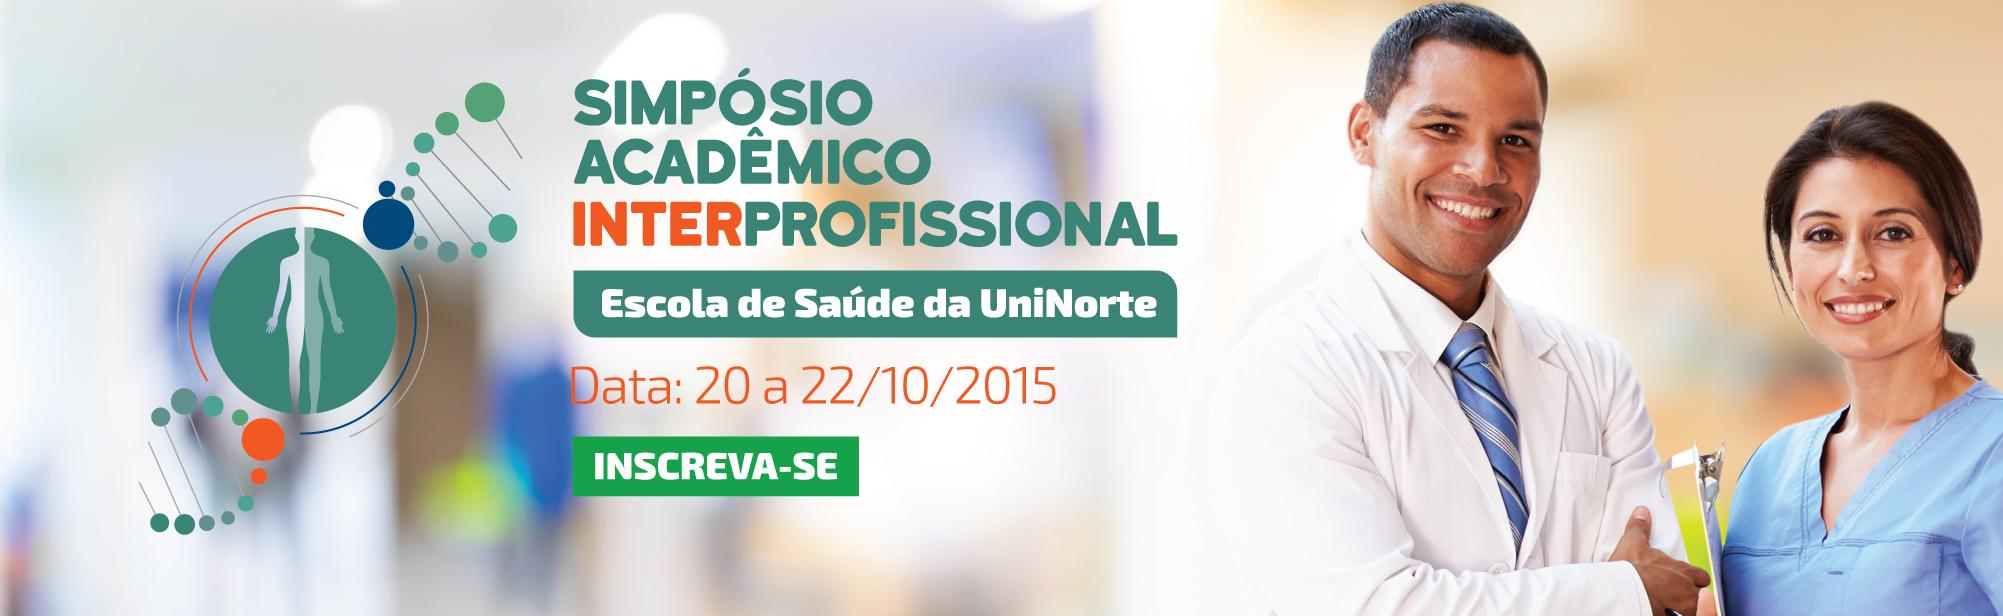 banner_web_site_simposio_academico_ALT